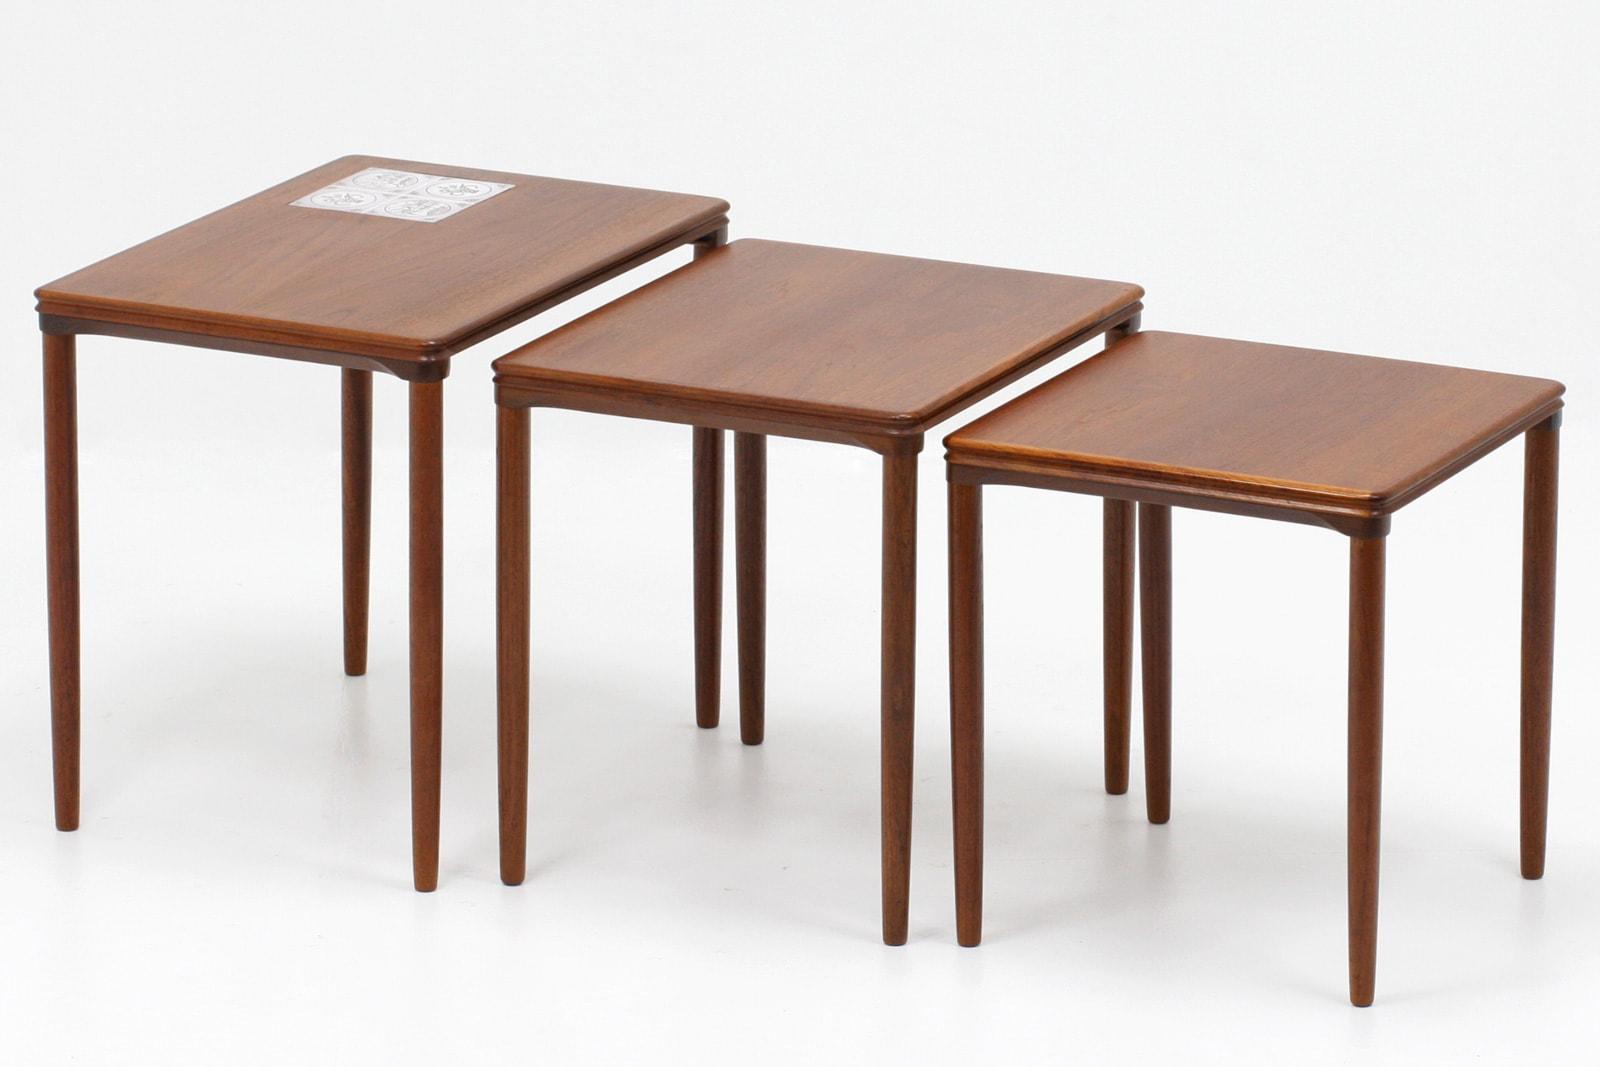 ヴィンテージ,北欧,家具,ネストテーブル,タイルトップ